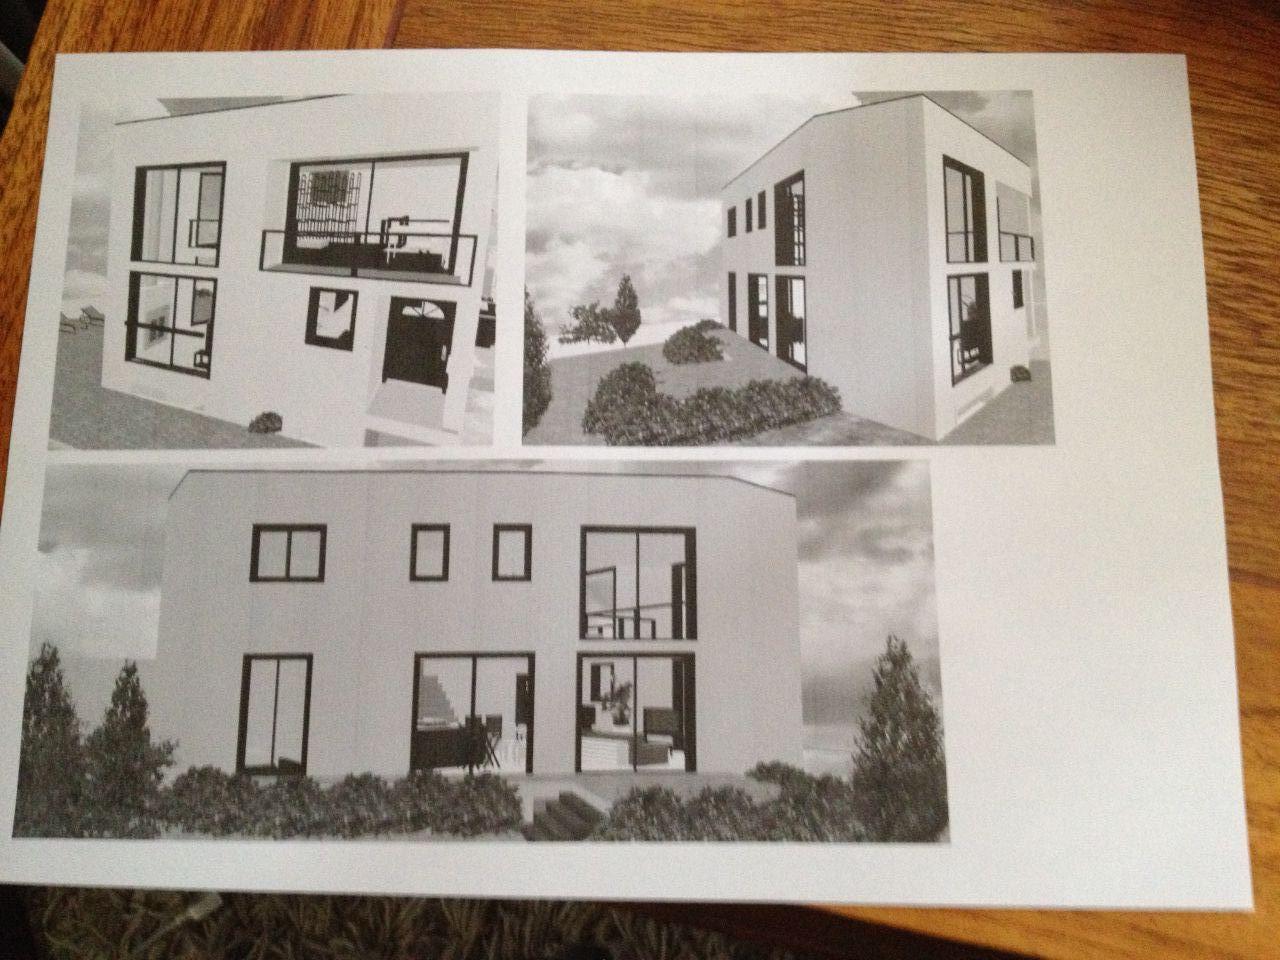 1ère esquisse personnelle de l'allure générale de la maison (les couleurs des façades ne sont pas définies, et l'environnement n'est pas figuré).